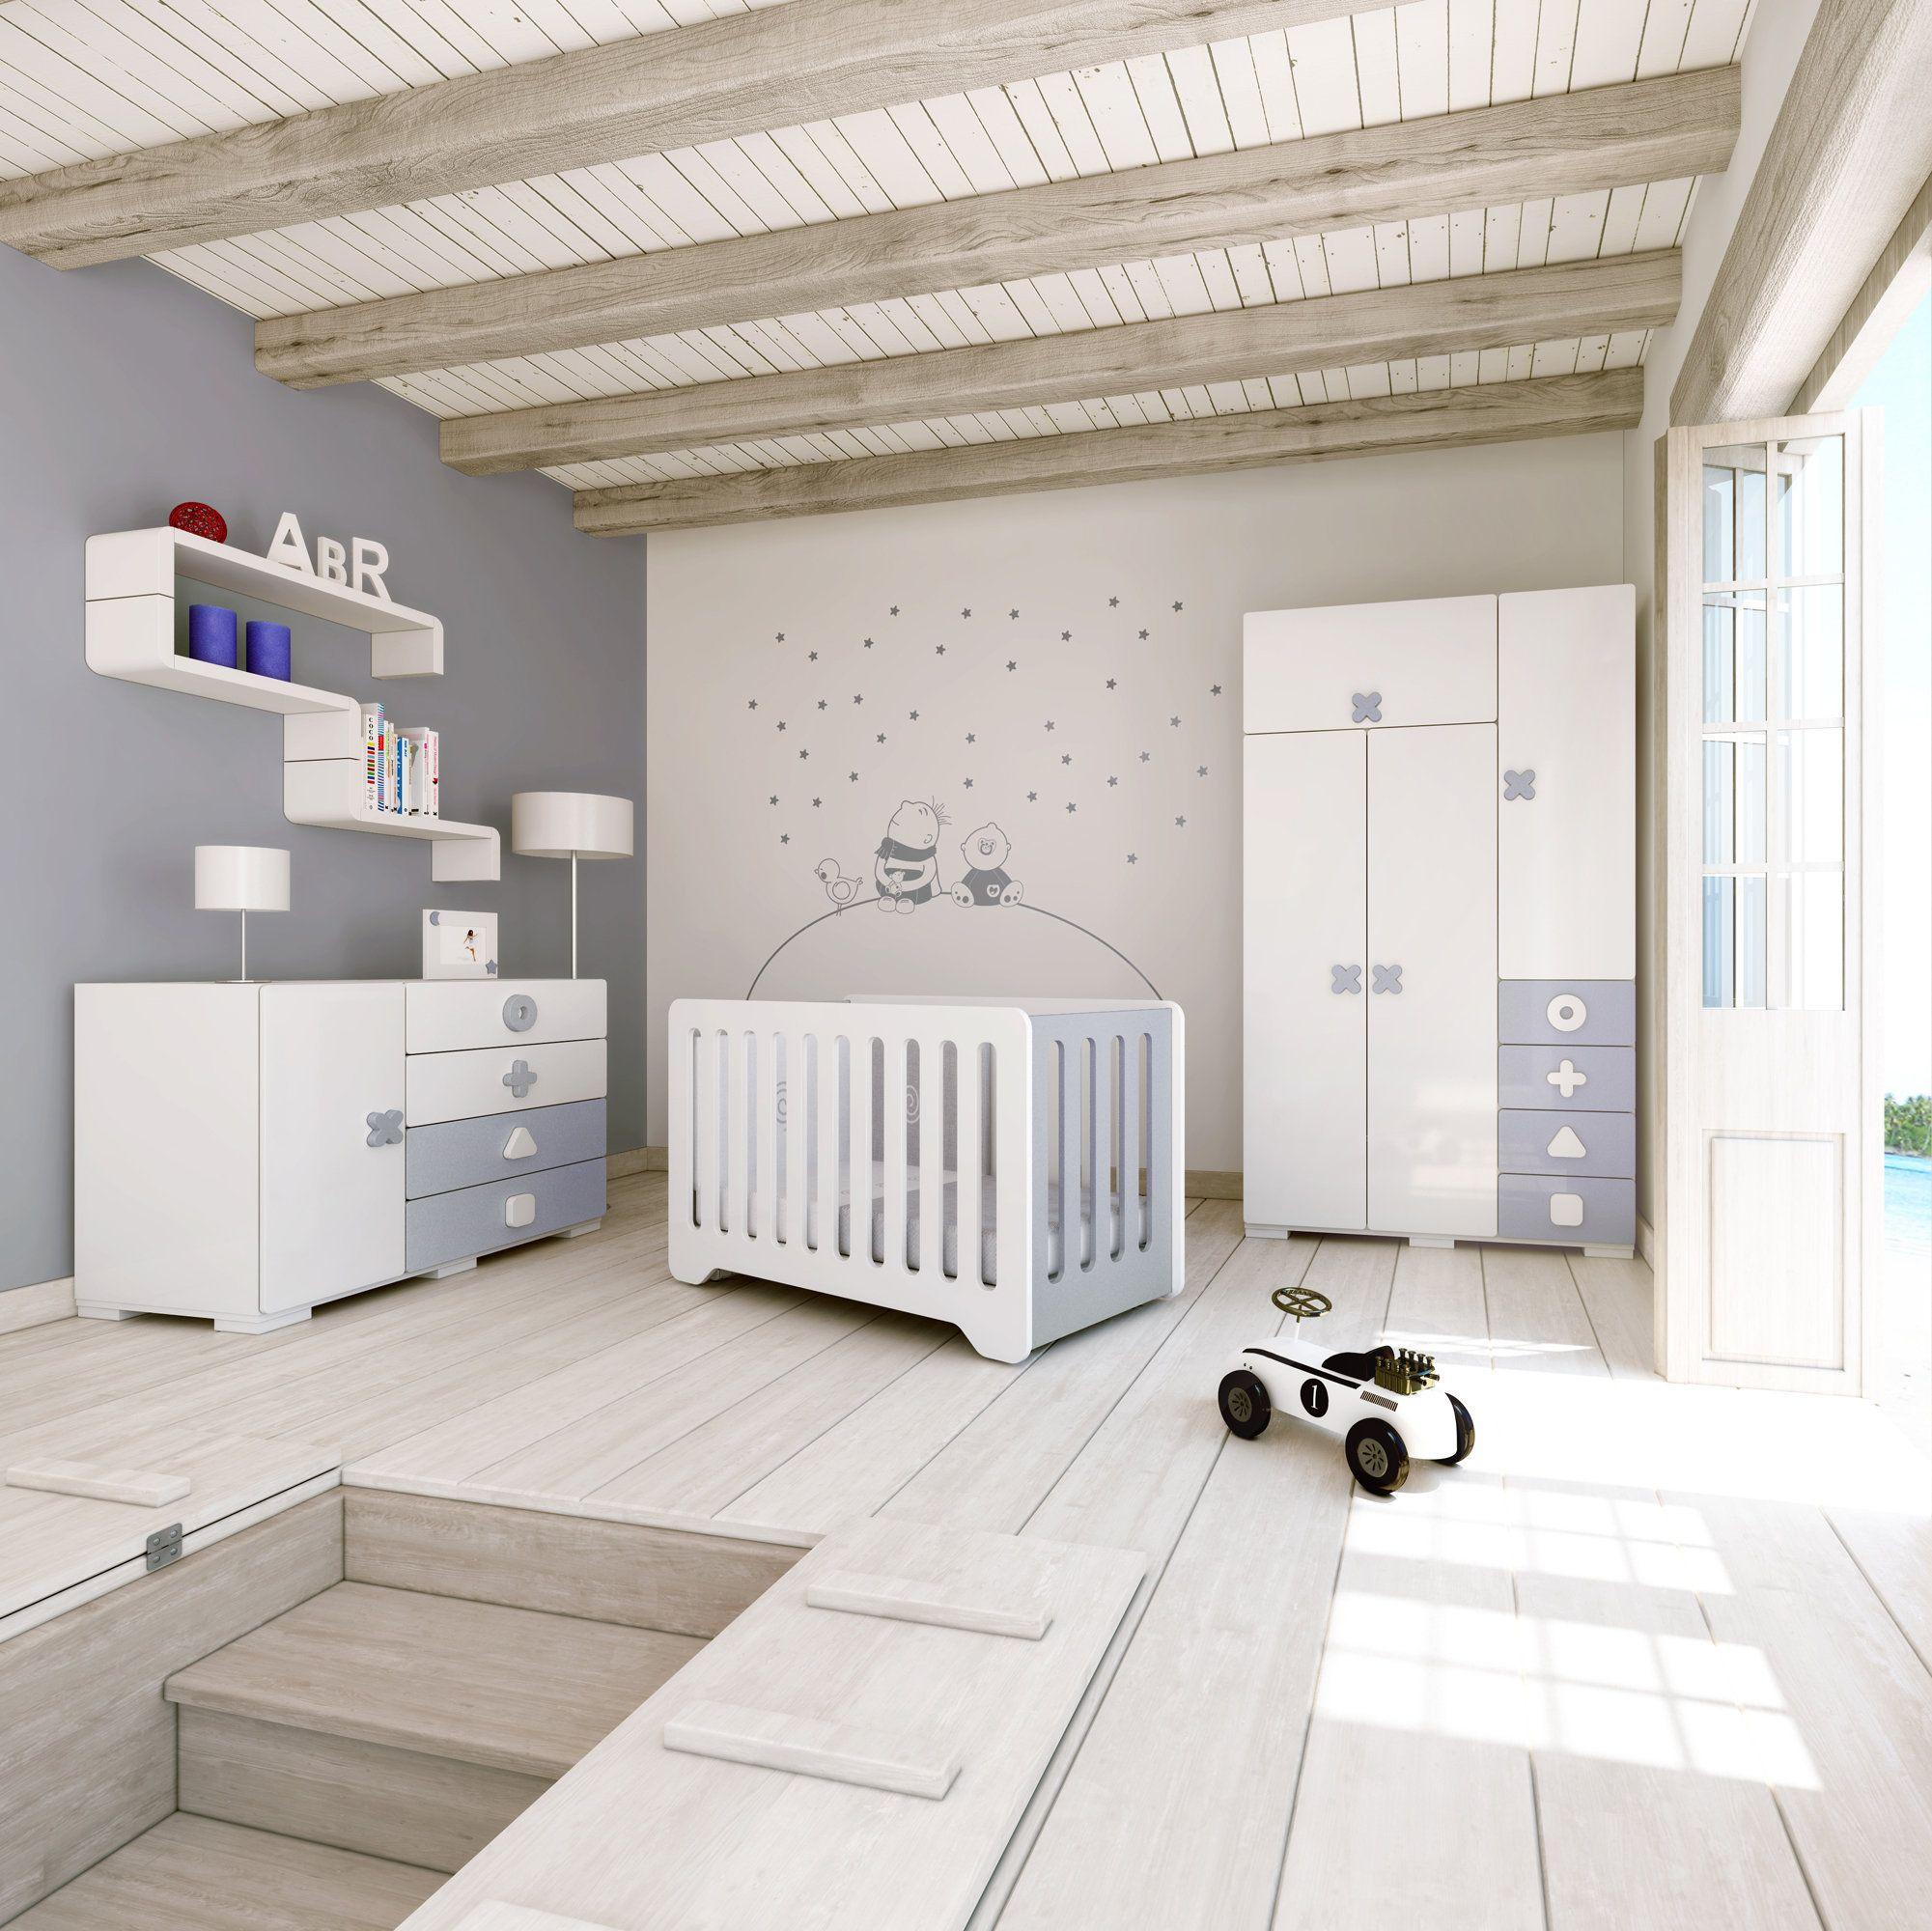 Habitaciones infantiles de dise o y originales para beb s - Habitaciones ninos originales ...